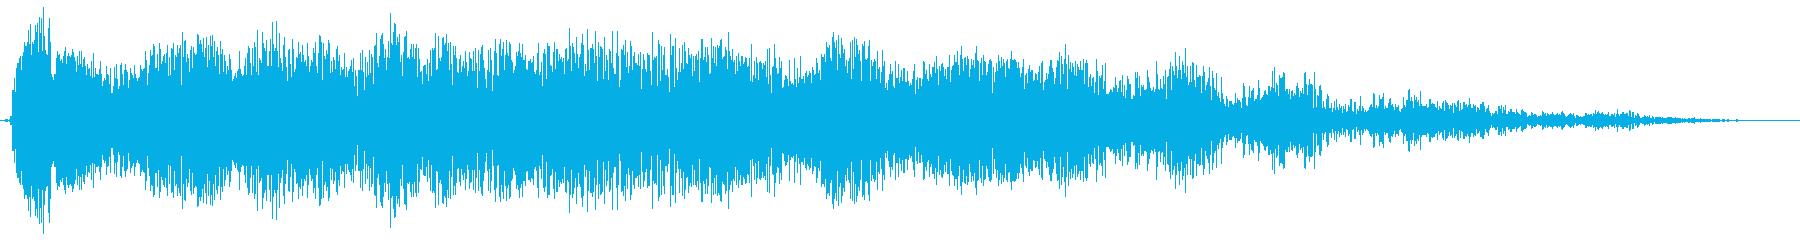 長い爆発的なサンダーランブルスイープ1の再生済みの波形